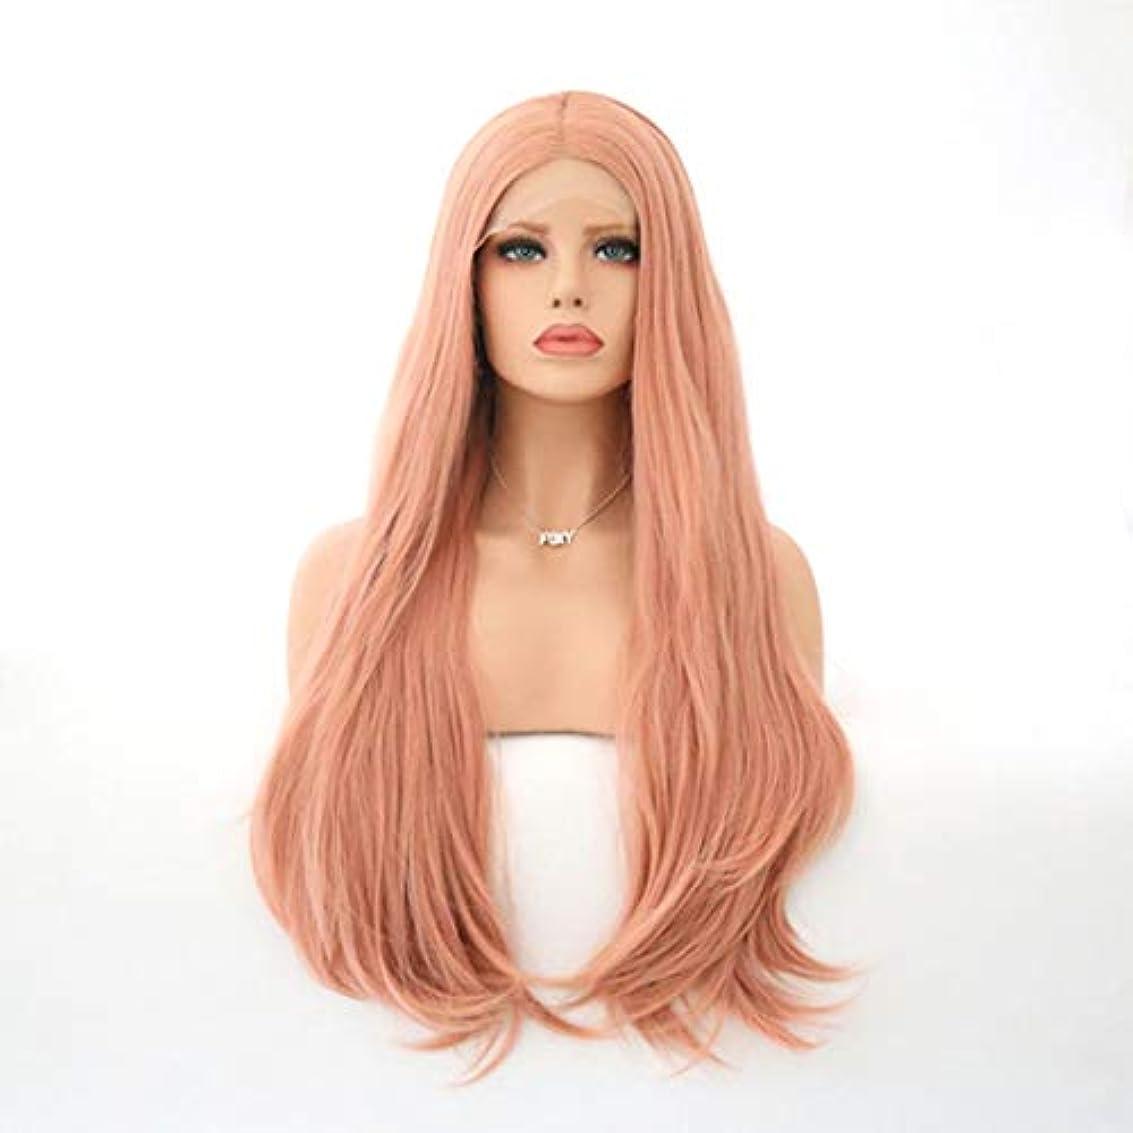 メタン大パースSummerys 女性のための自然な長い巻き毛のかつらの代わりとなるかつら合成繊維の毛髪のかつら